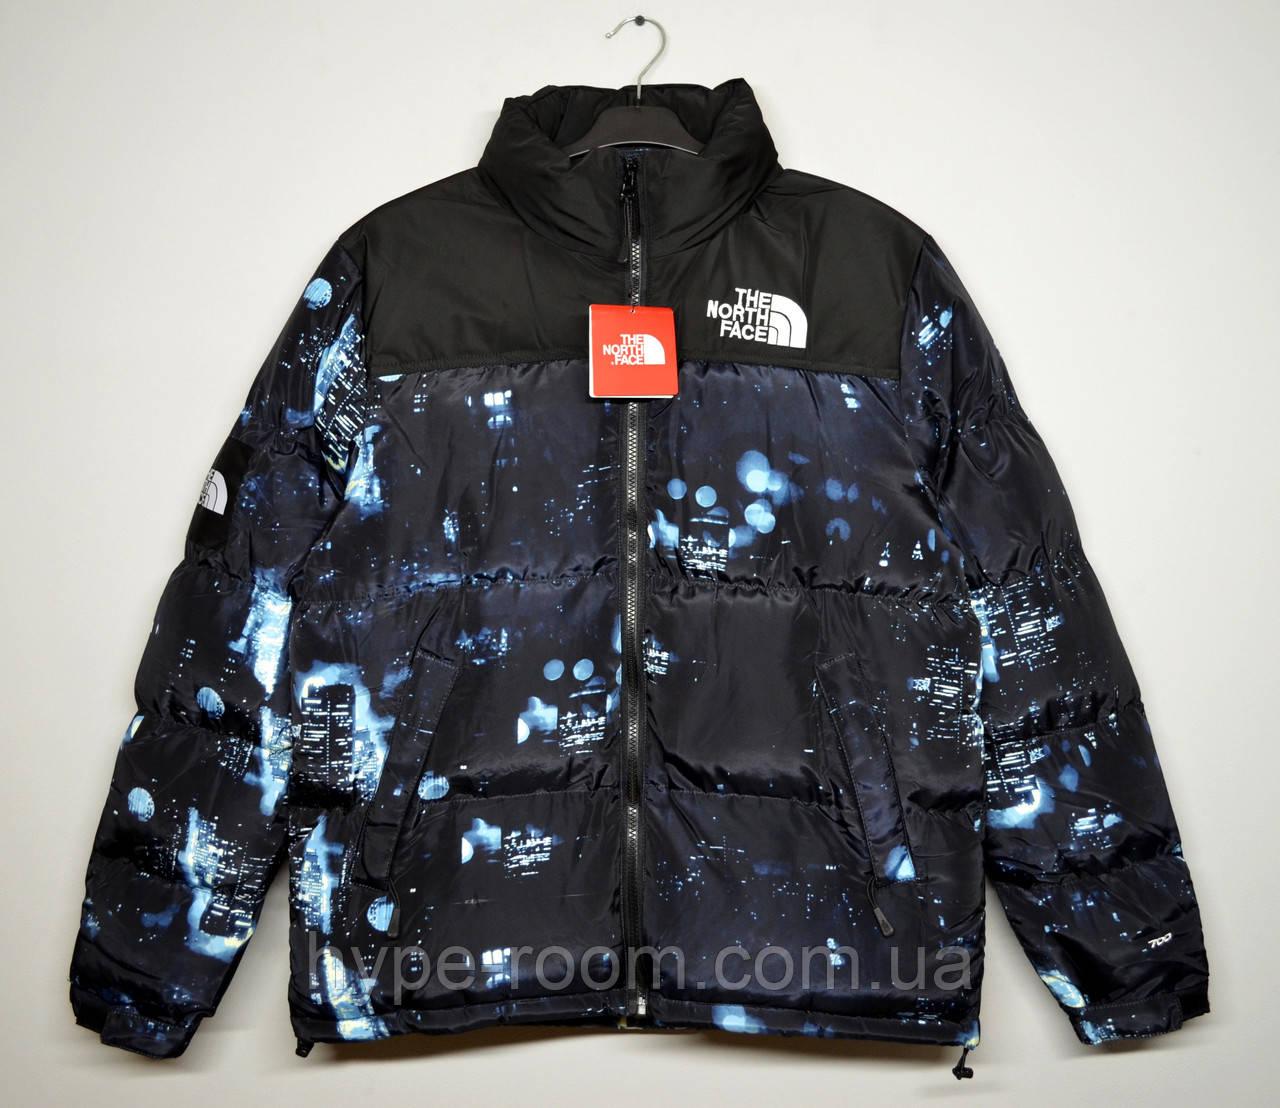 Мужская зимняя куртка The North Face ночной город